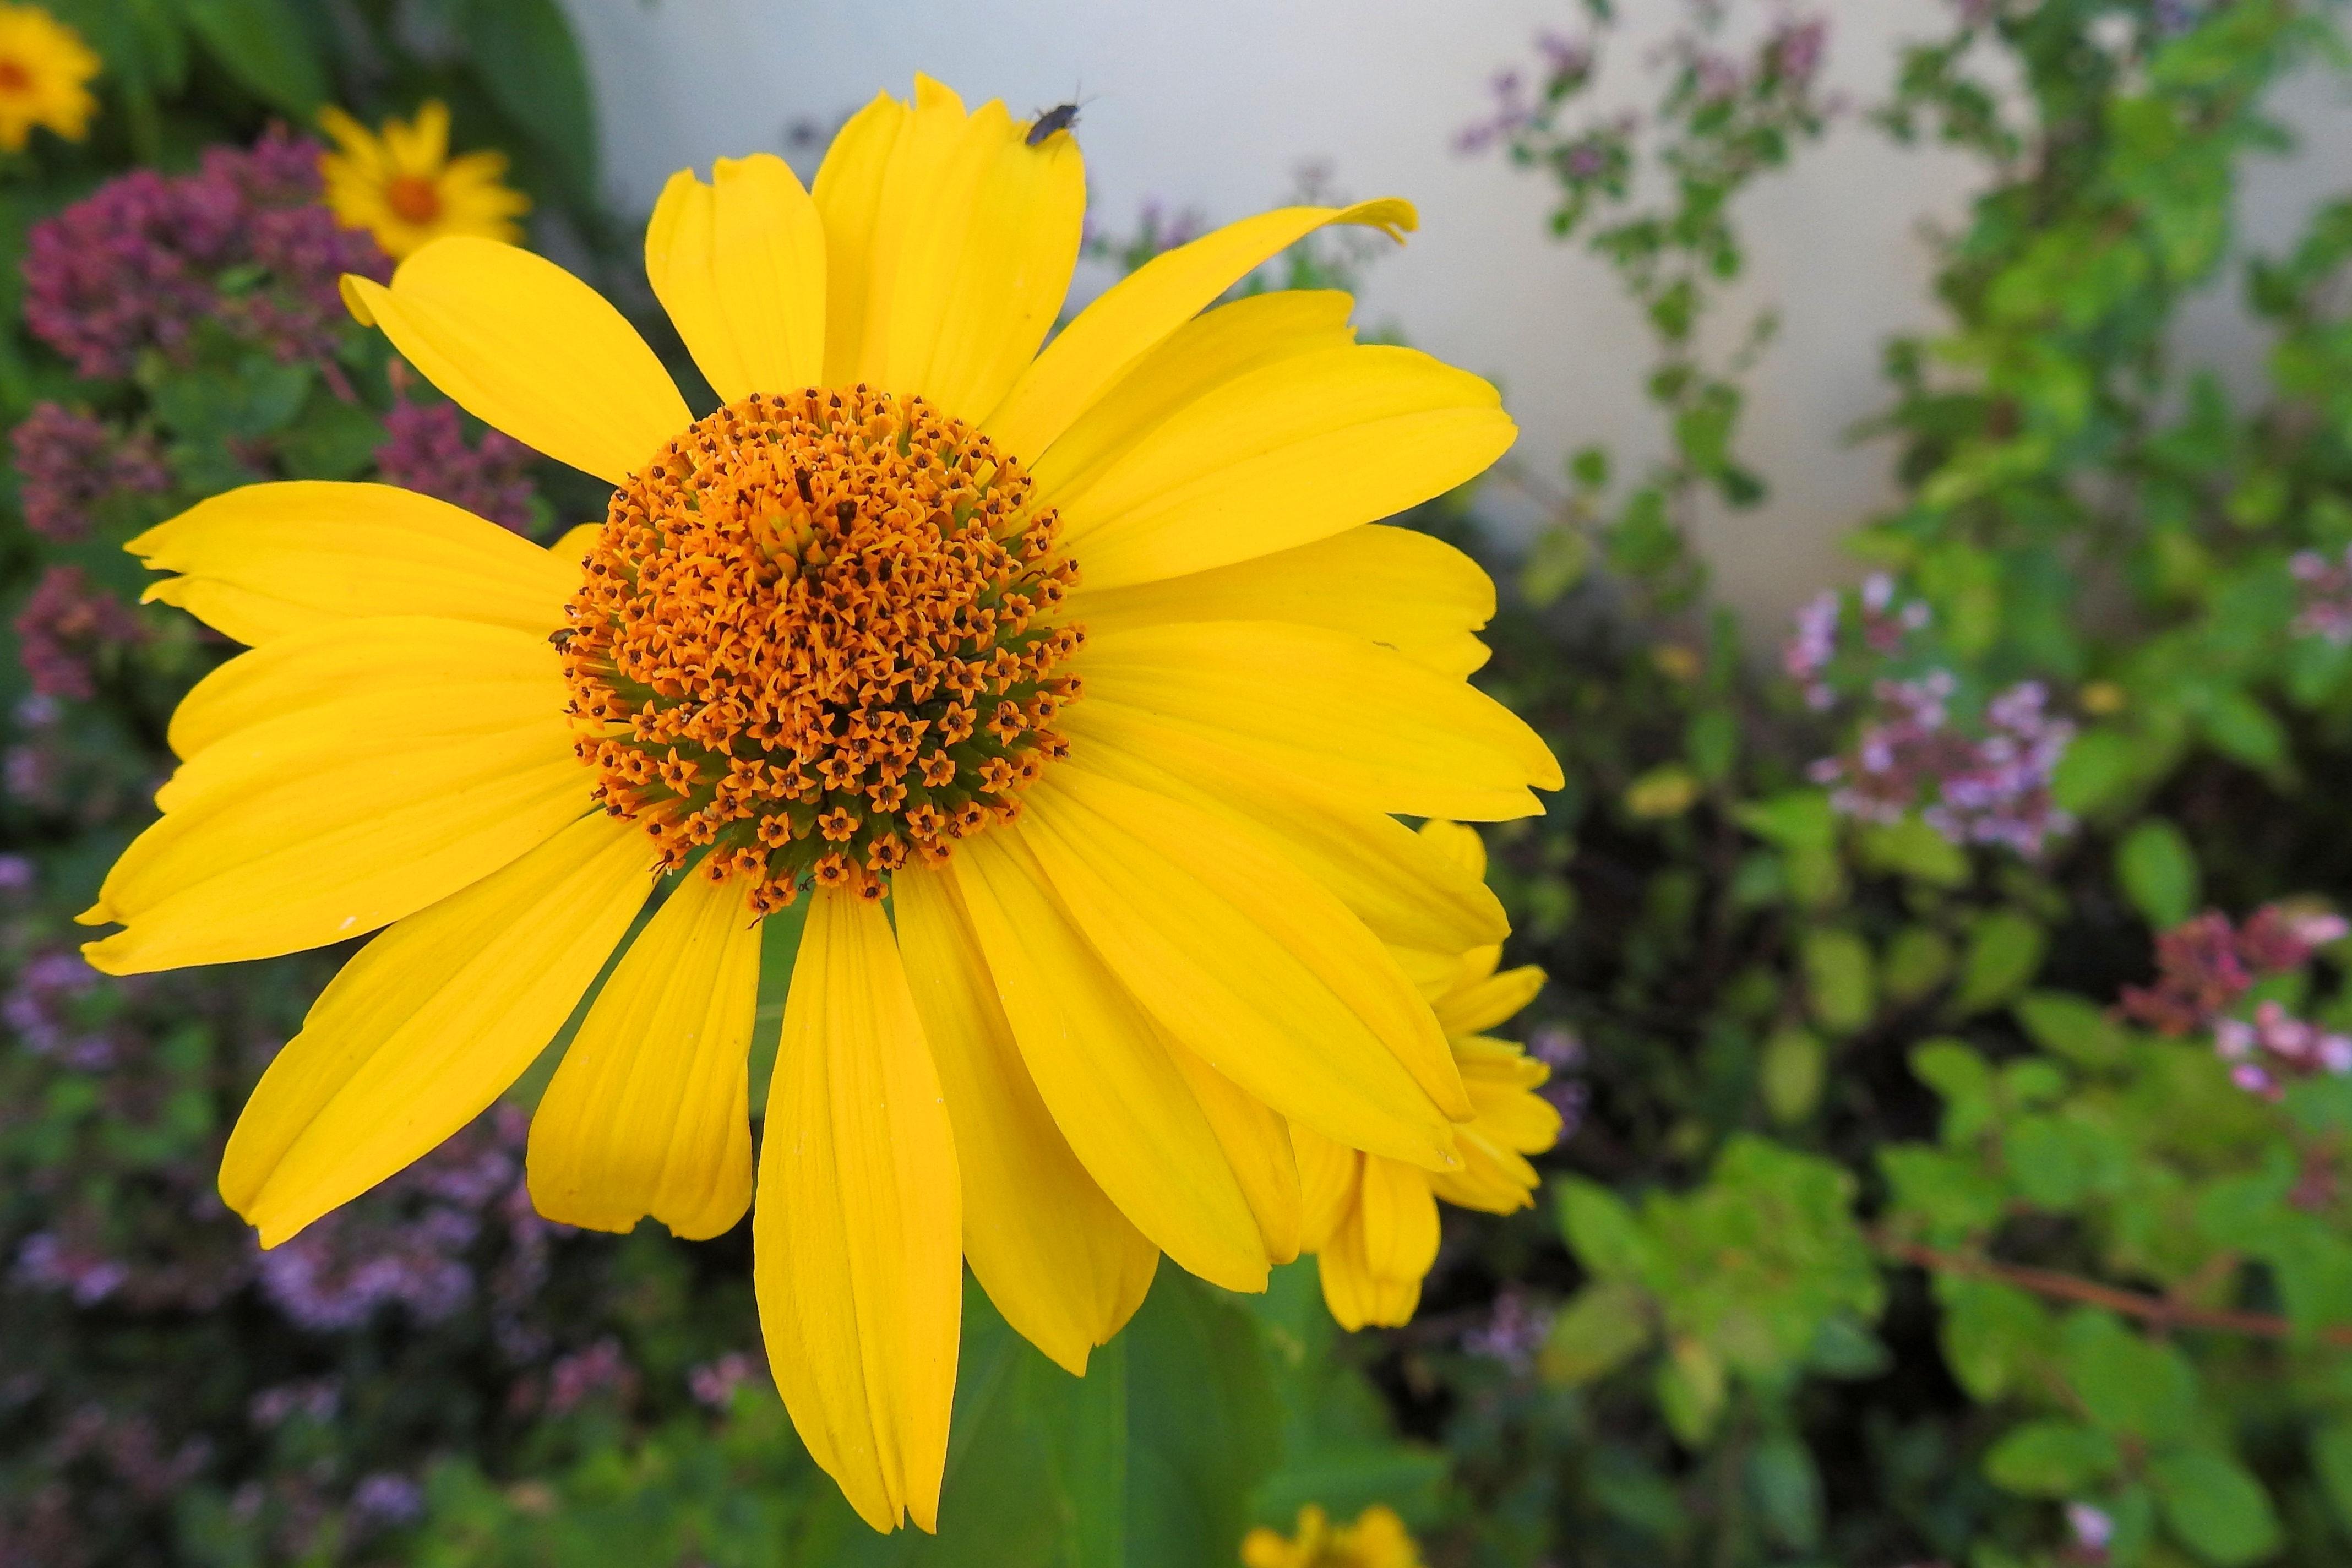 Gratis Billeder Natur Blomst Mark Eng Kronblad Flor Botanik Have Flora Wildflower